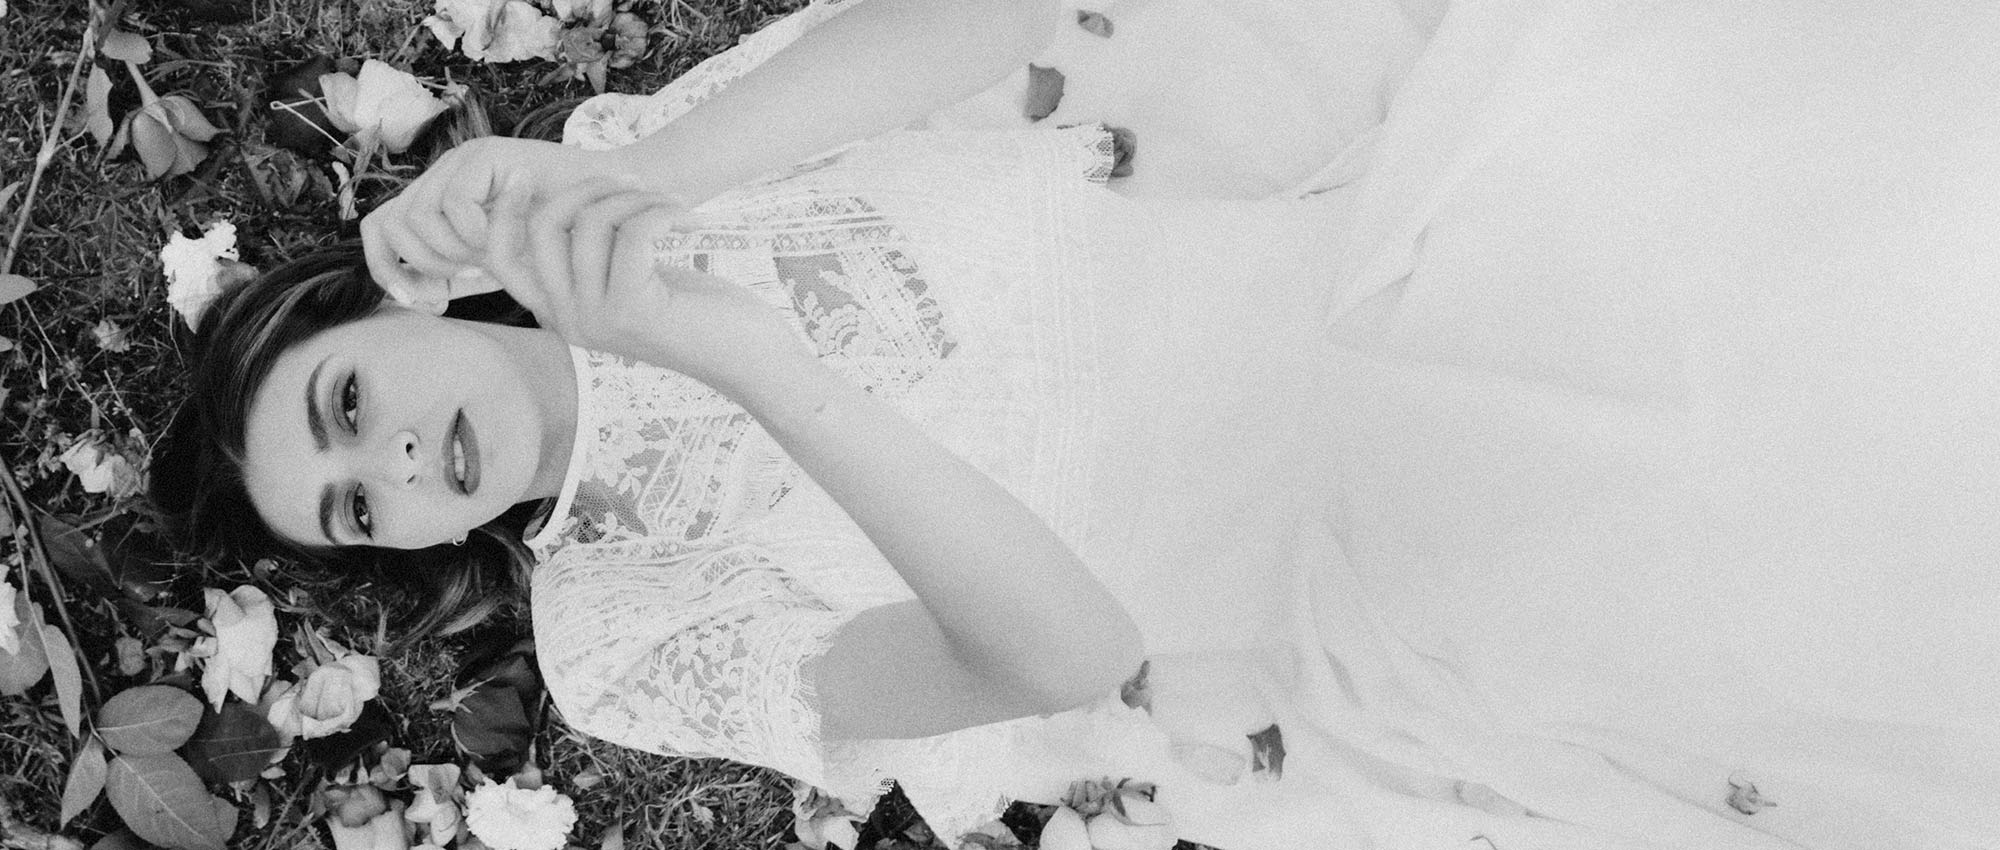 collezione-sposa-2020-torino-elena-pignata